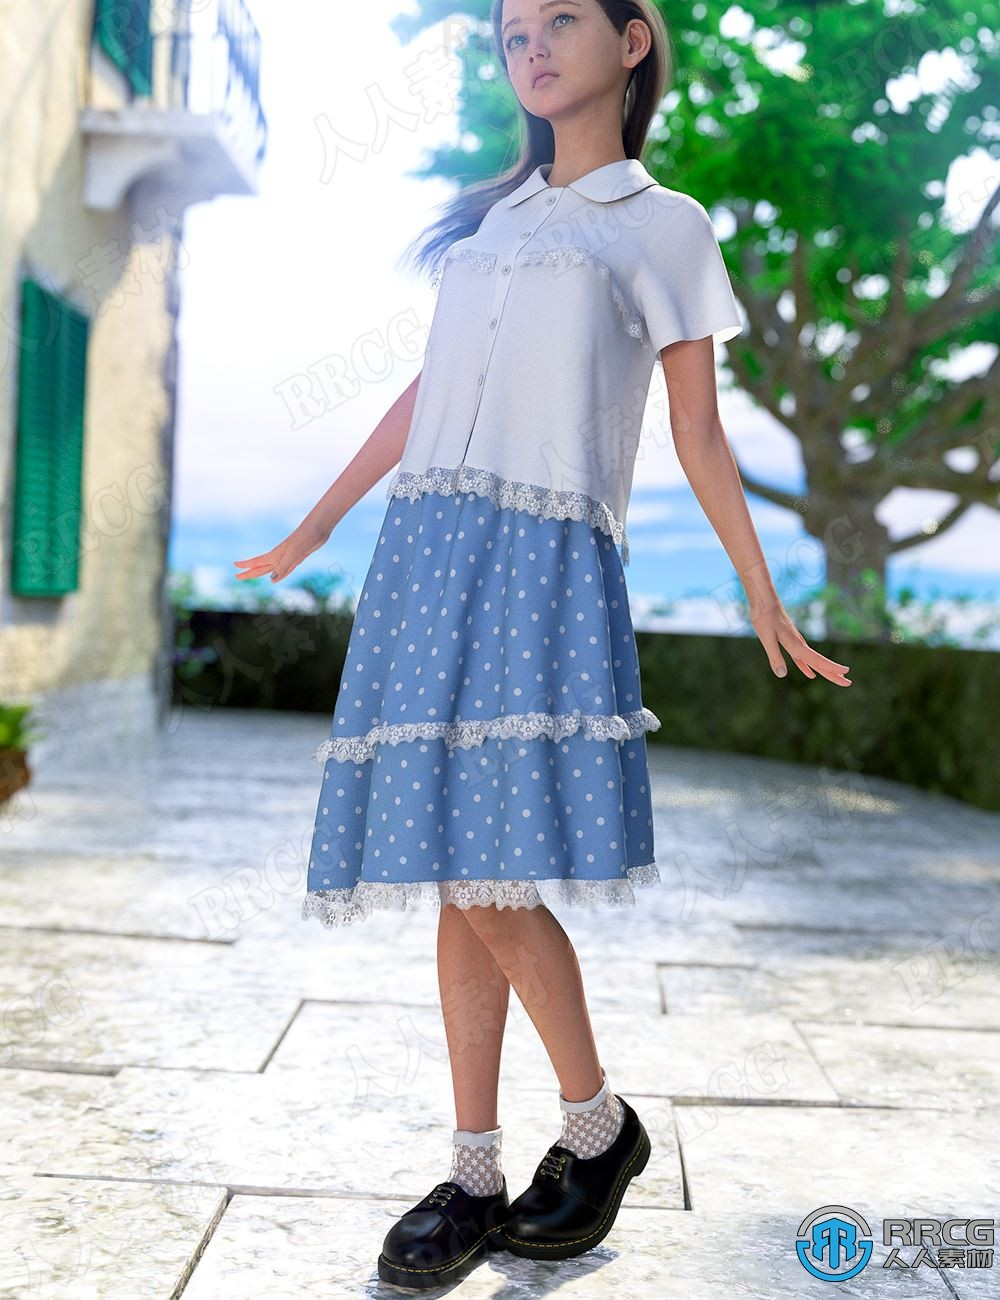 荷叶边斑点学院风分体女性裙装服饰3D模型合集